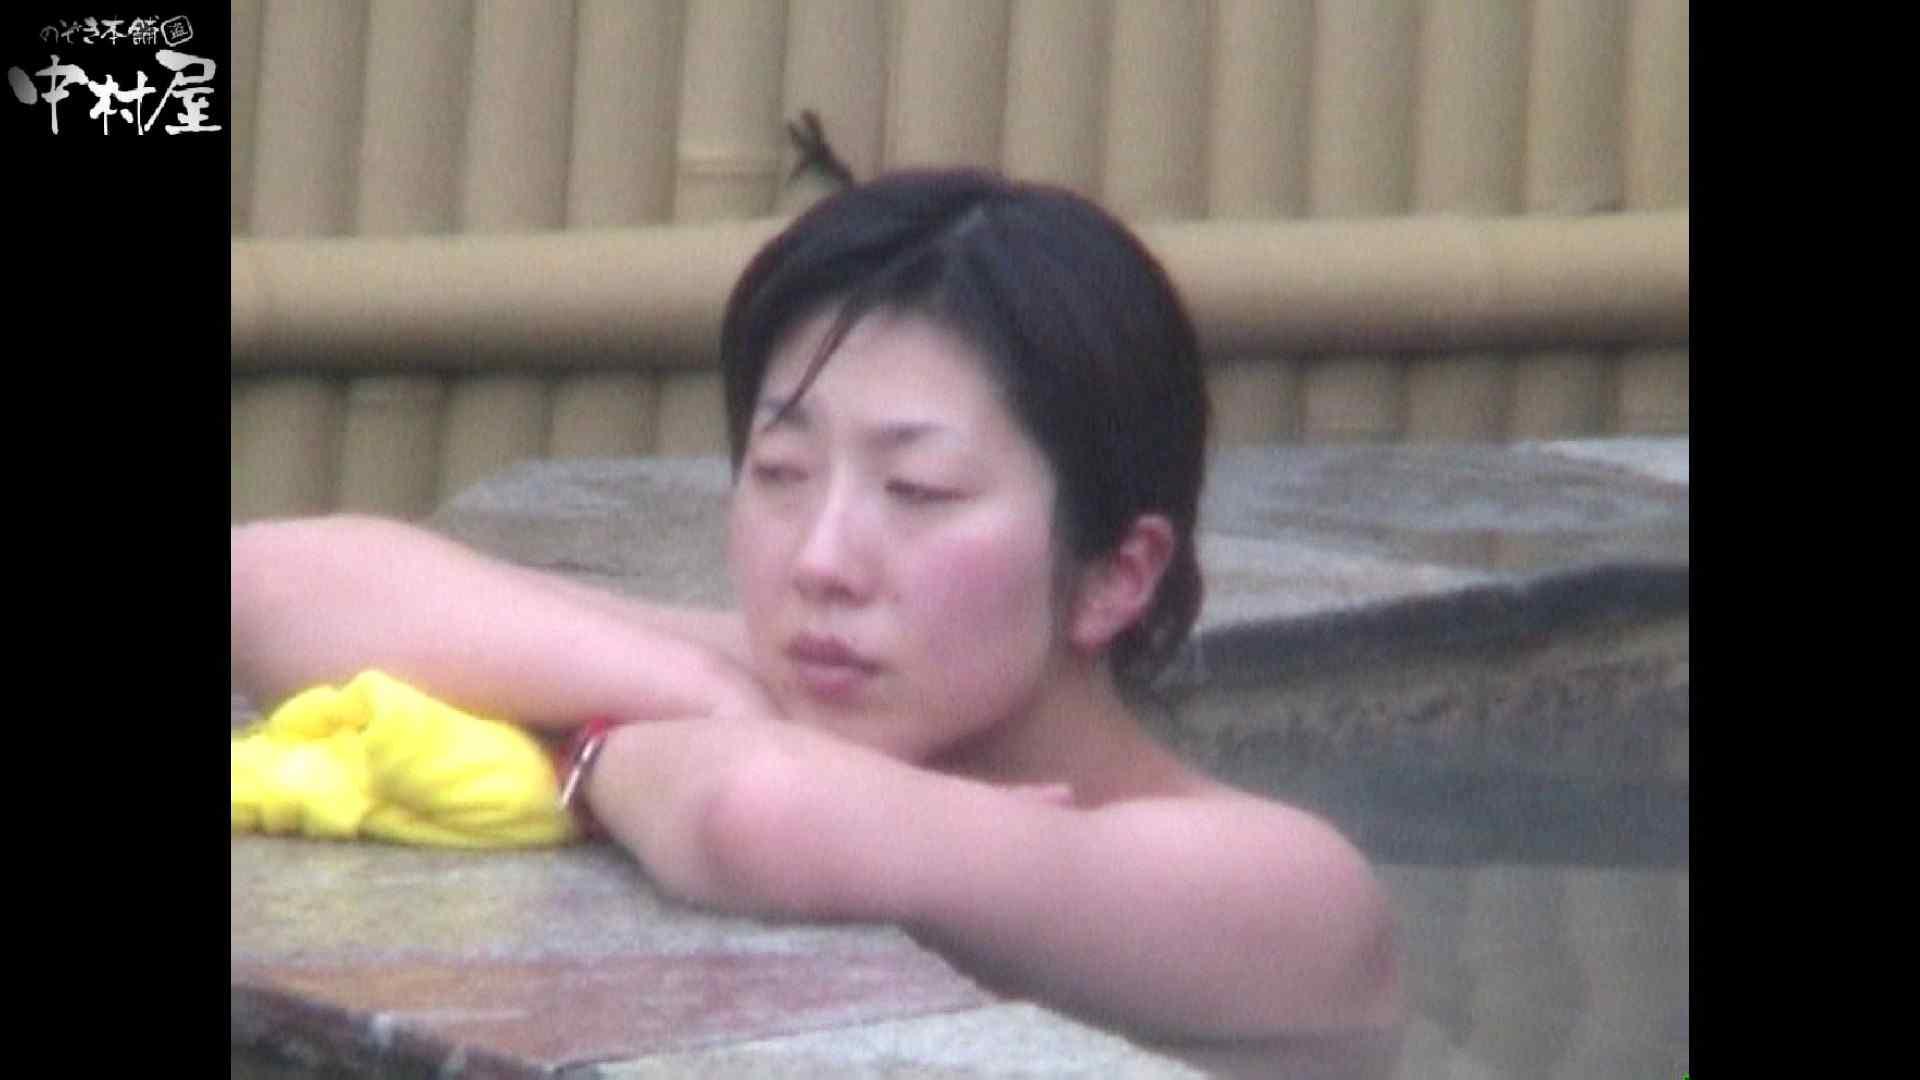 Aquaな露天風呂Vol.921 盗撮特集 | 露天  93画像 17